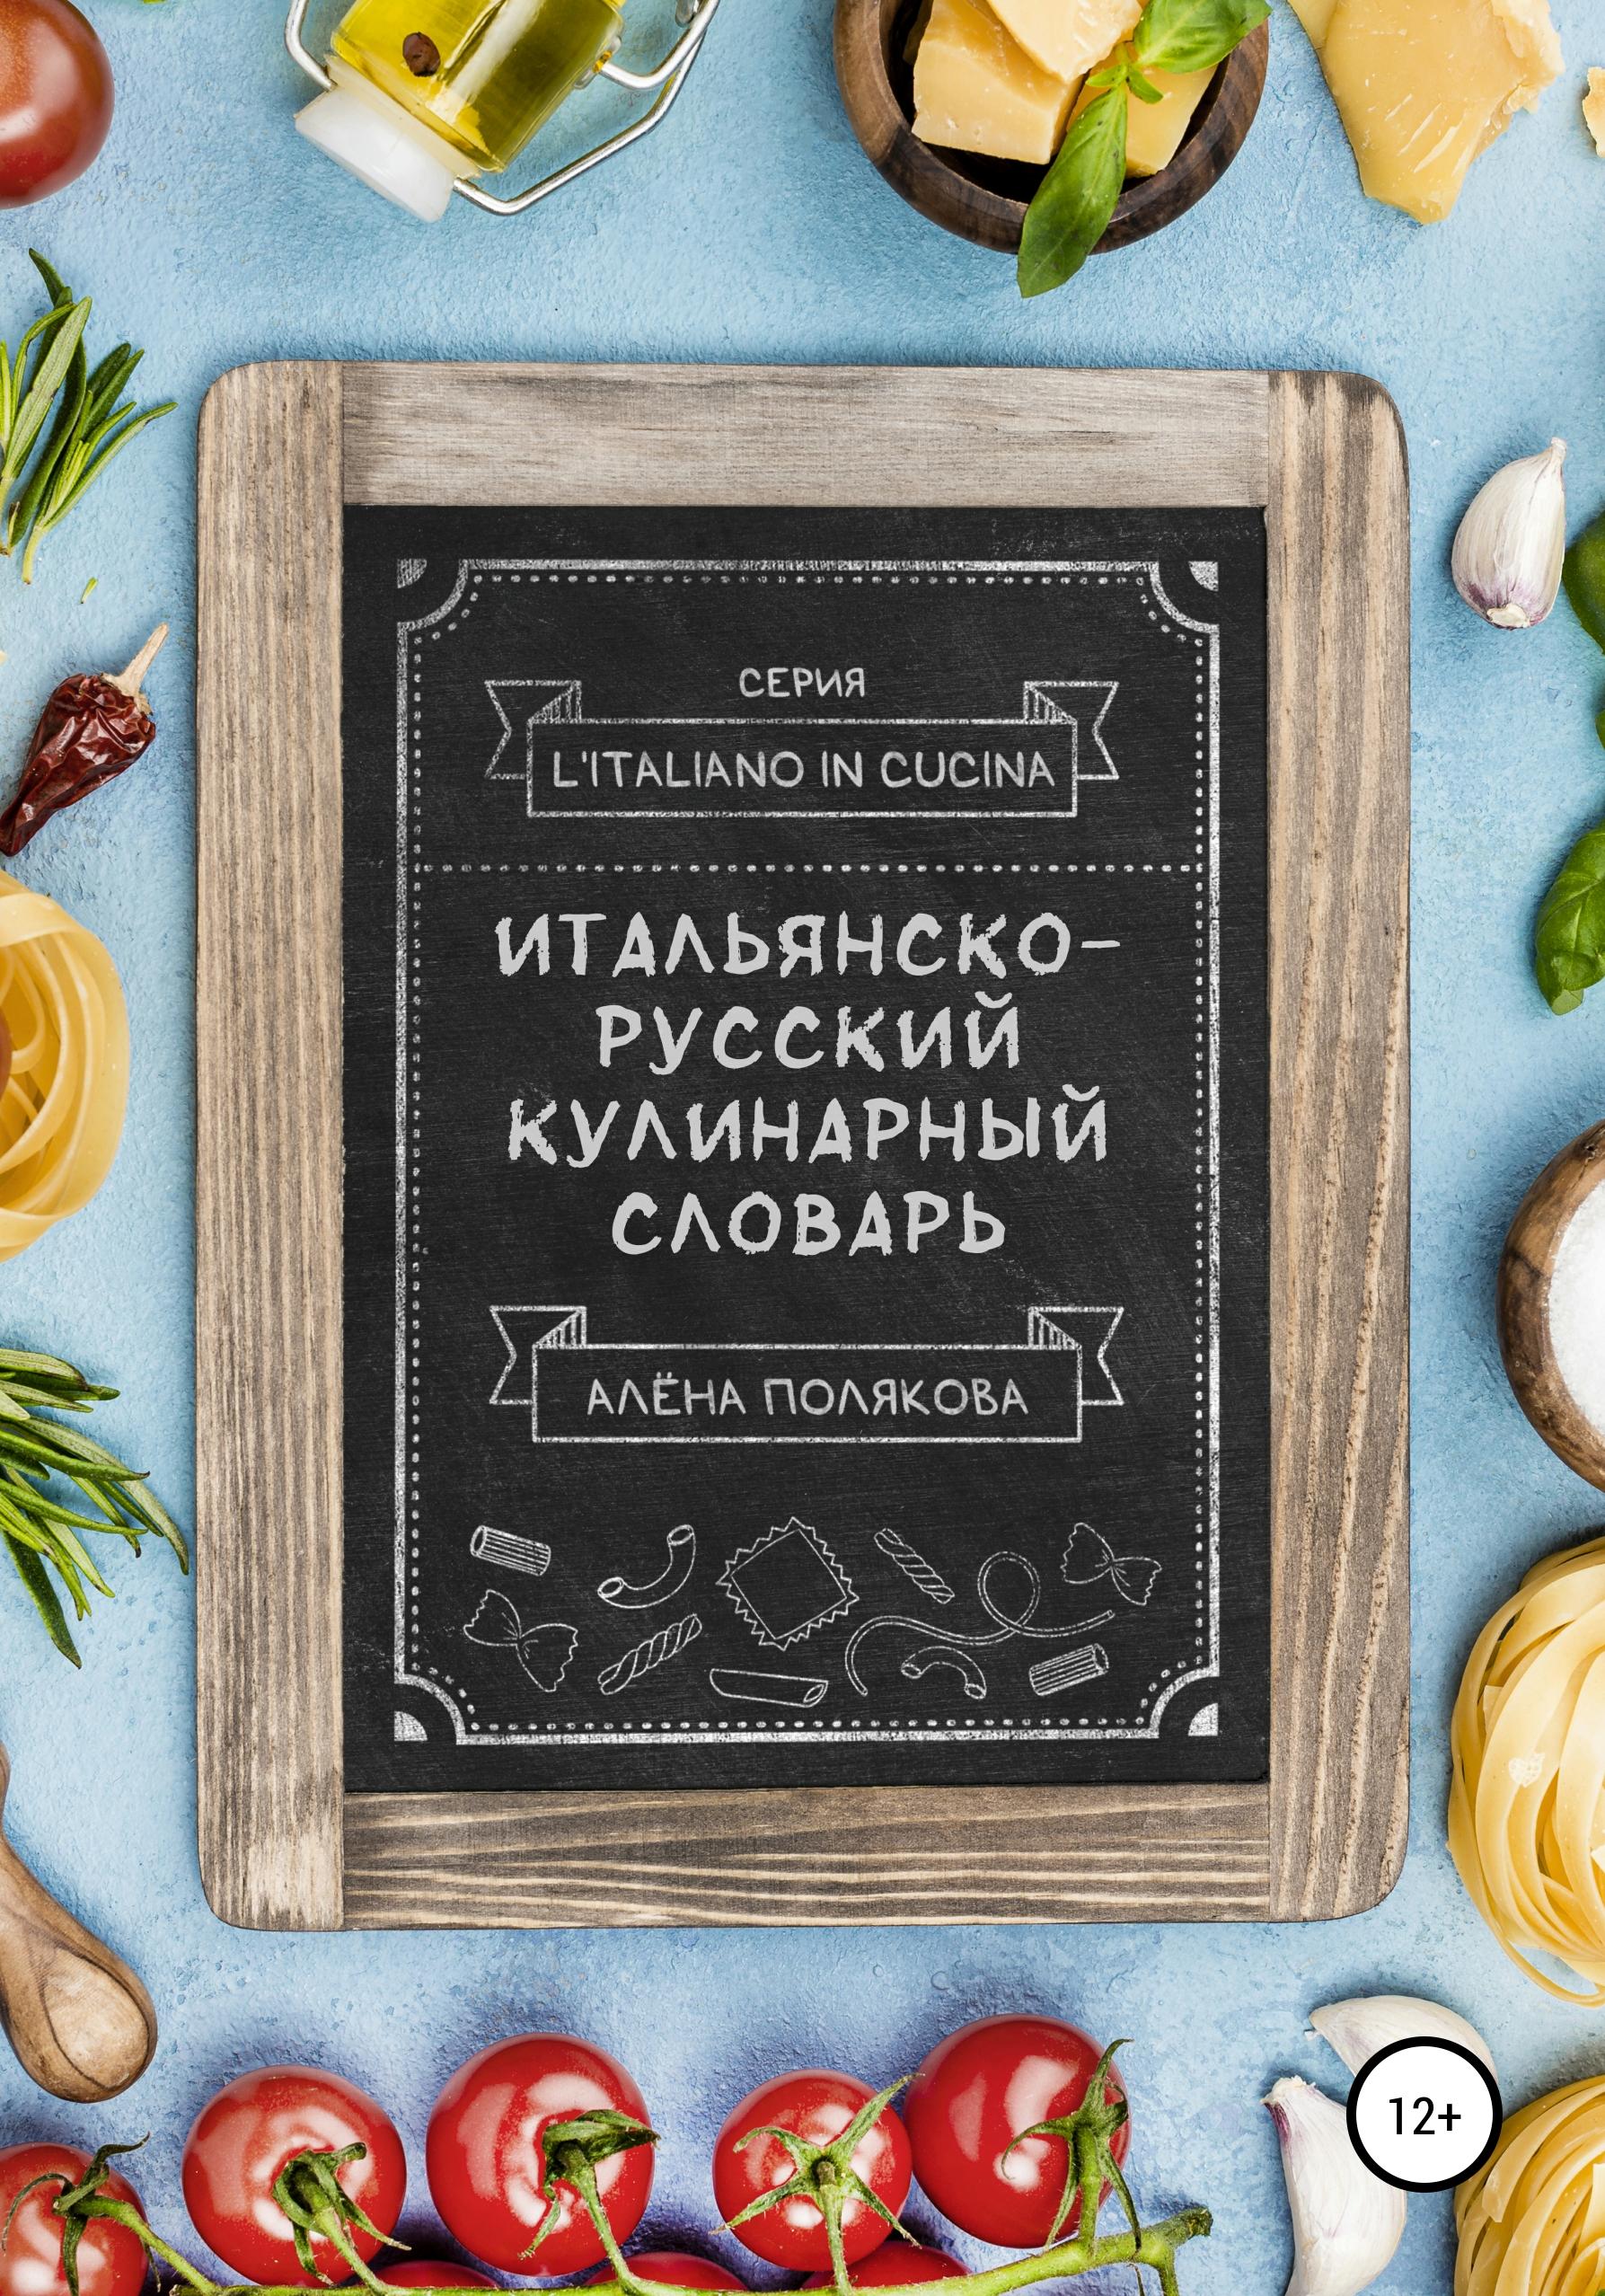 Купить книгу Итальянско-русский кулинарный словарь, автора Алёны Поляковой